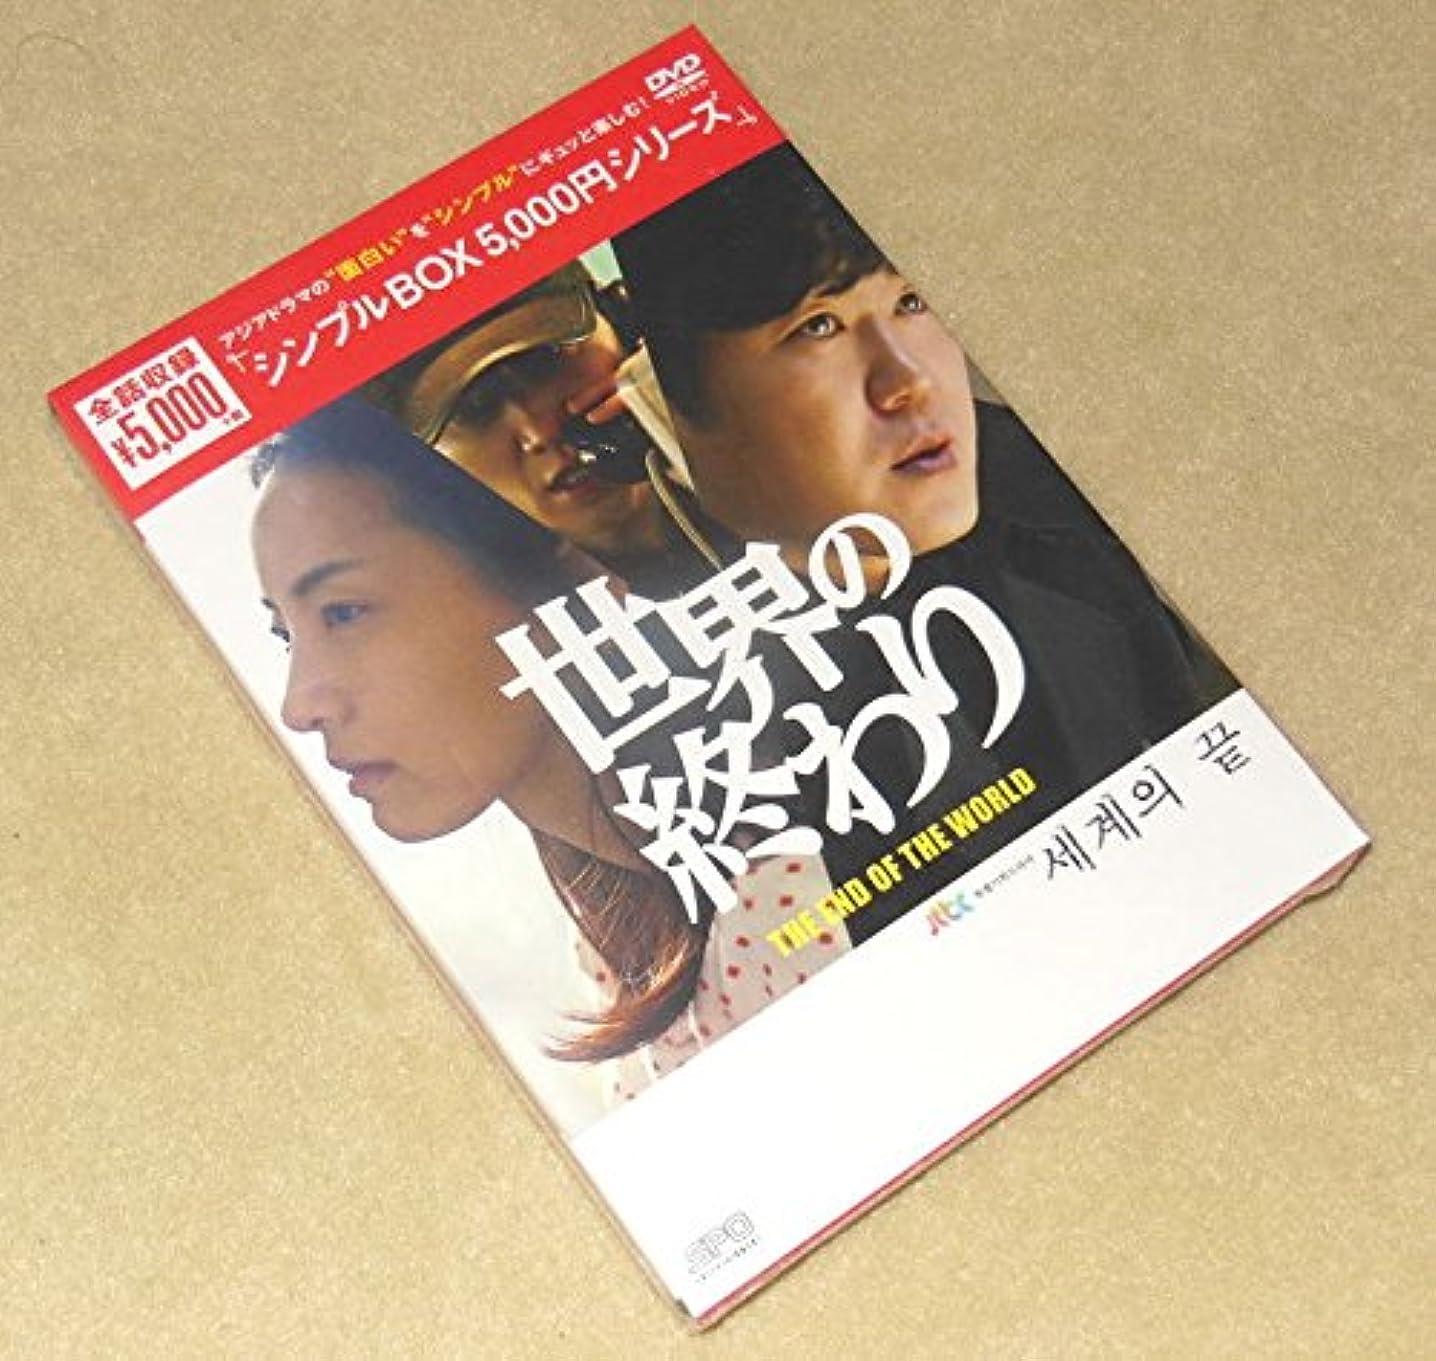 北達成するロッジ世界の終わり DVD-BOX 6枚組 韓国語の発音/日本語字幕